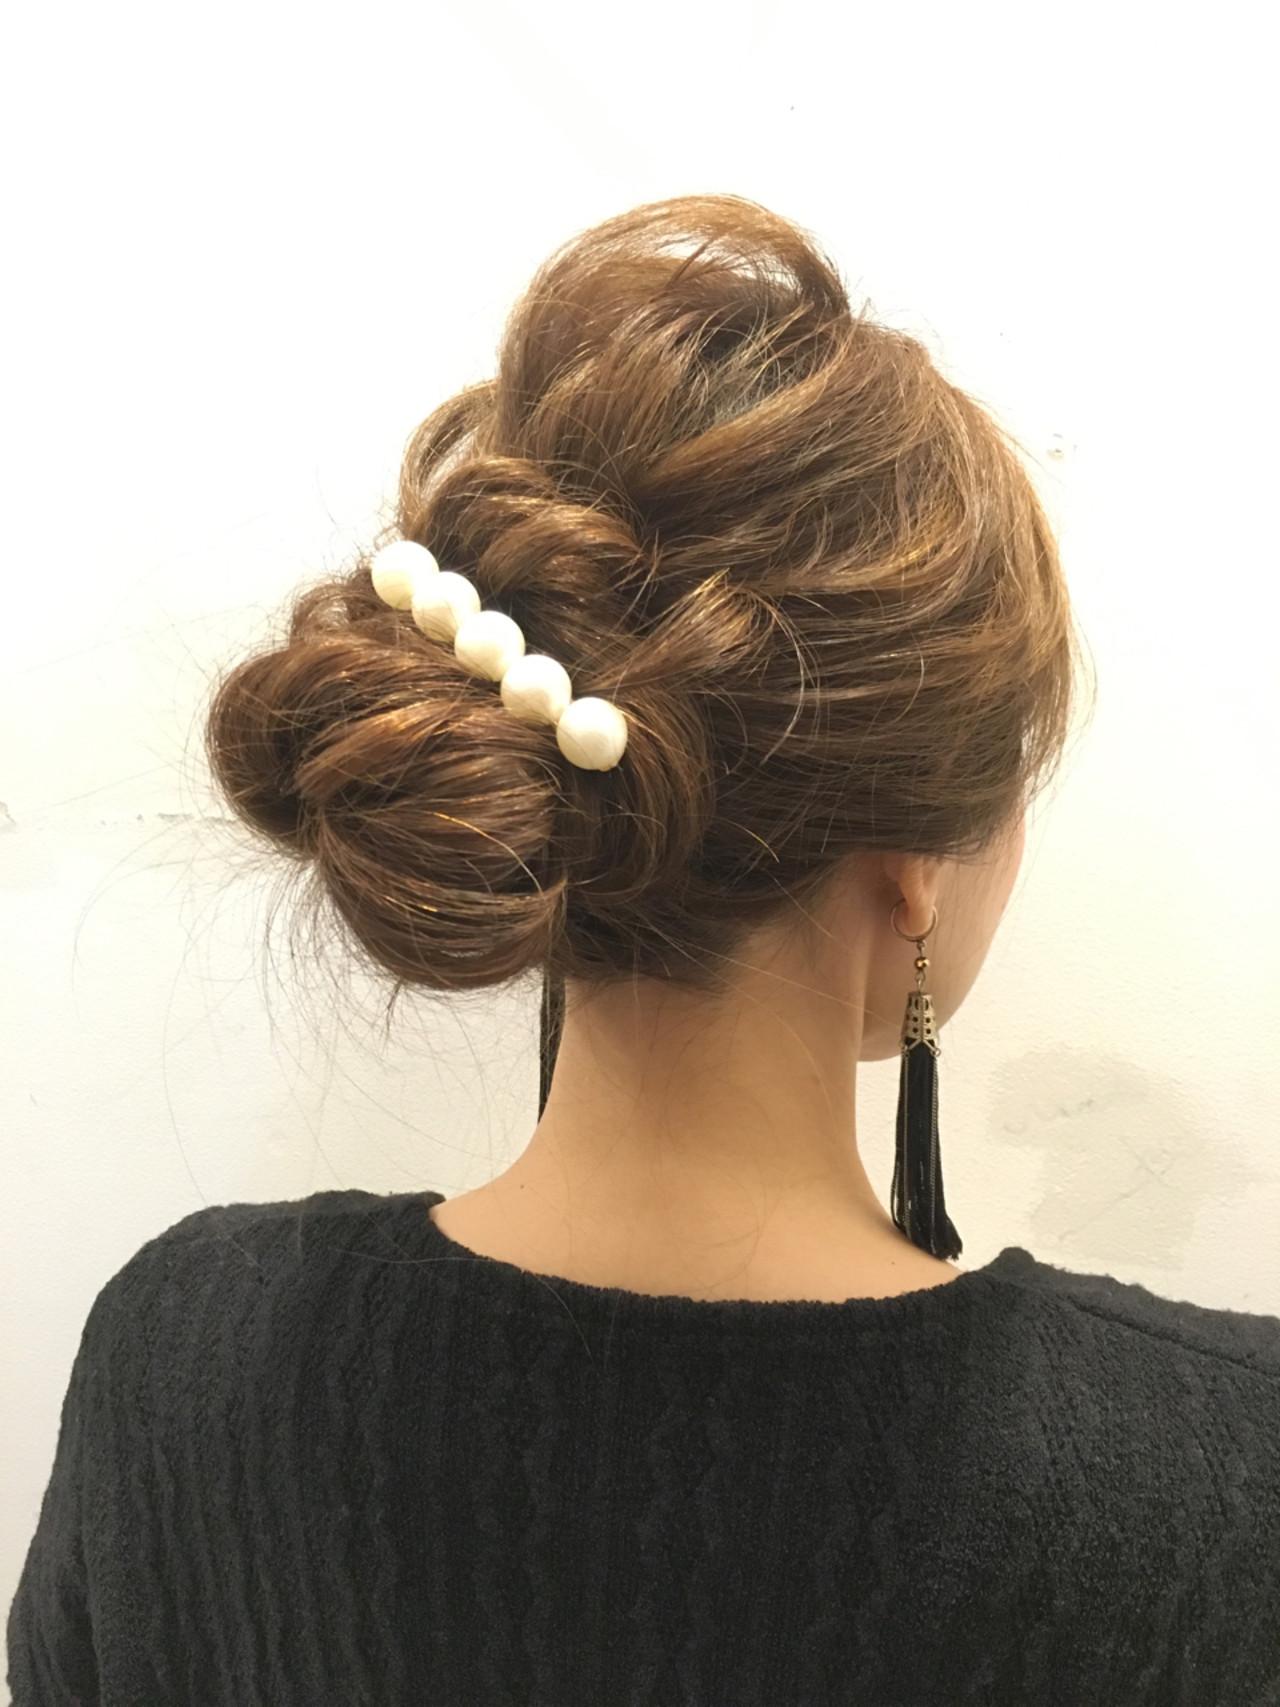 お団子×ヘアアクセでつくる大人っぽヘア Nayuta Kasori